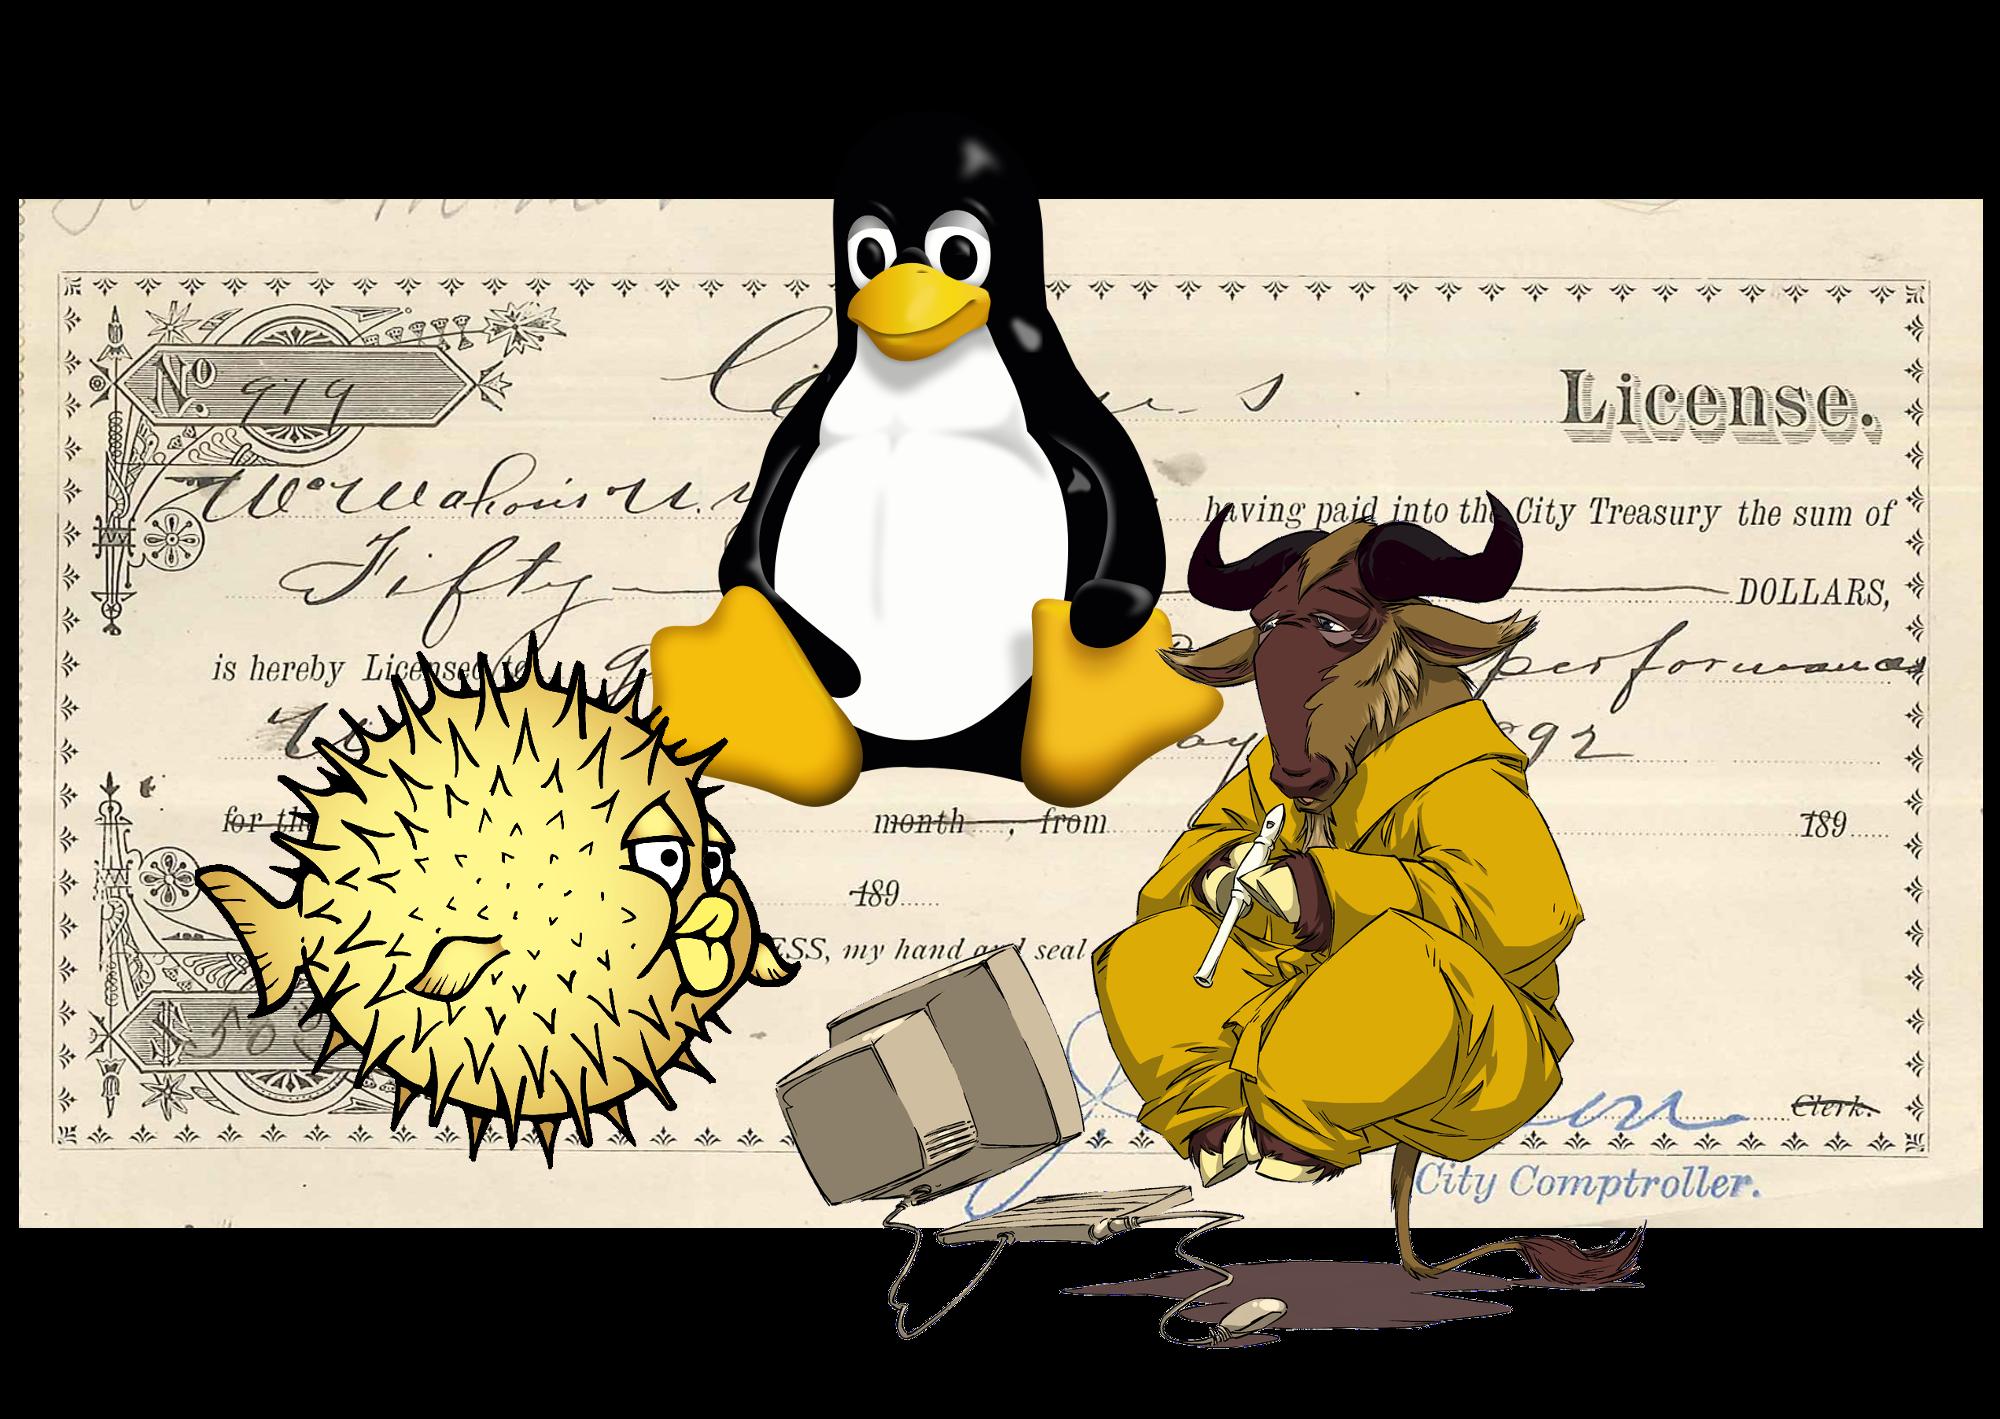 Software Freedom Conservancy: мы подаем иск против нарушителей лицензии GPL - 1